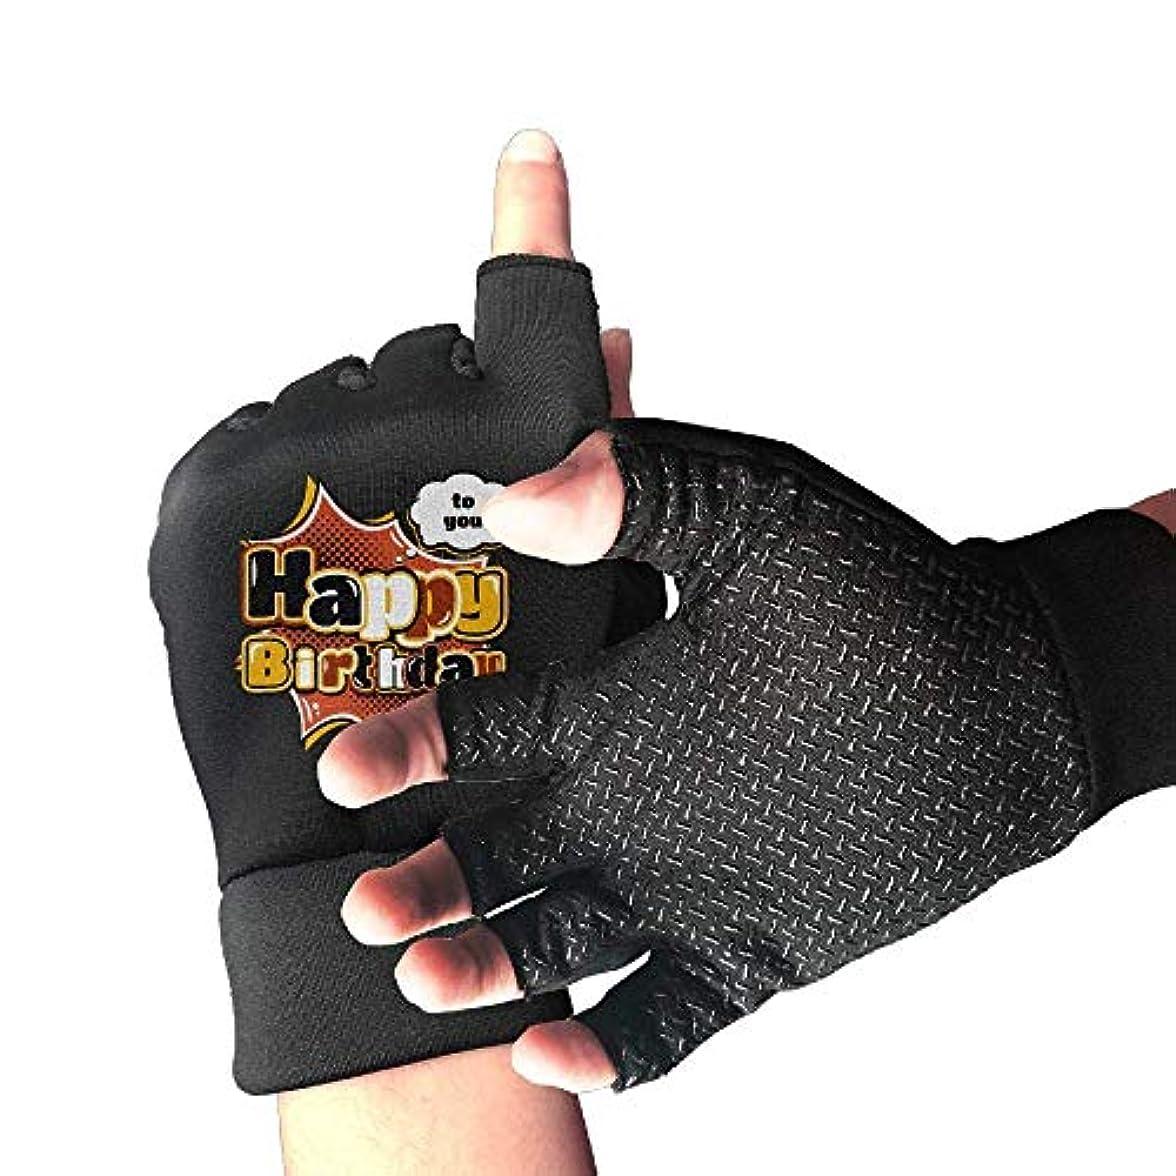 農学等価メンタリティCycling Gloves Happy Birthday to You Men's/Women's Mountain Bike Gloves Half Finger Anti-Slip Motorcycle Gloves